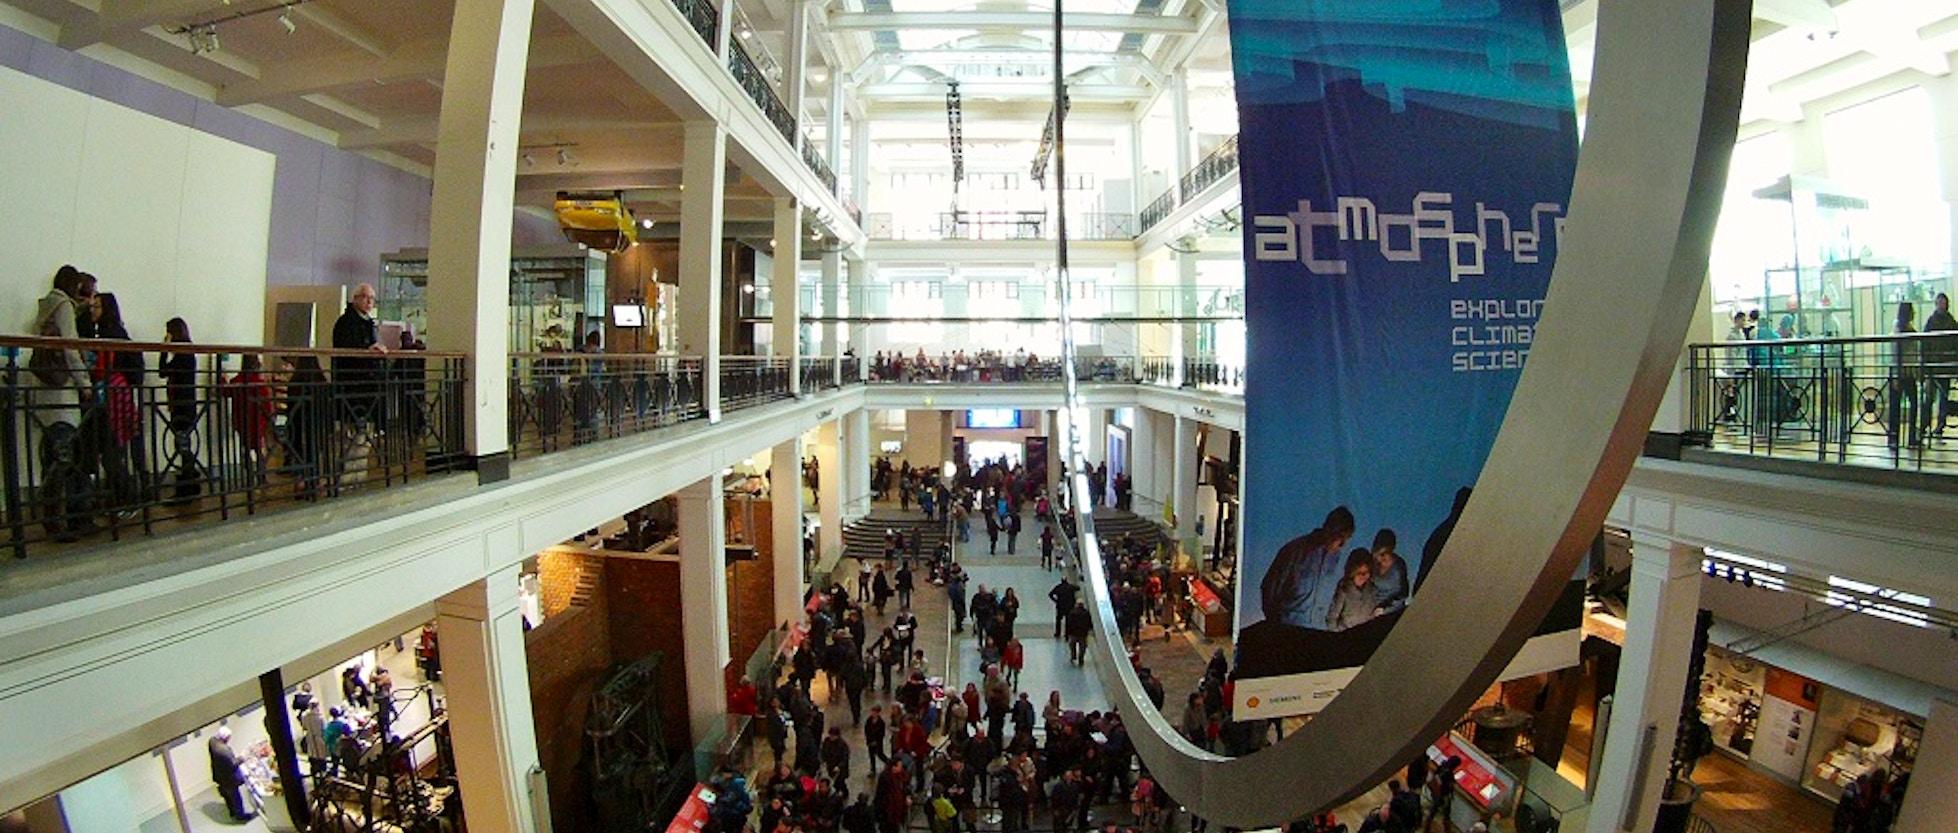 Science museum il museo della scienza informazioni e orari for 1 1 2 piani di cottage storia